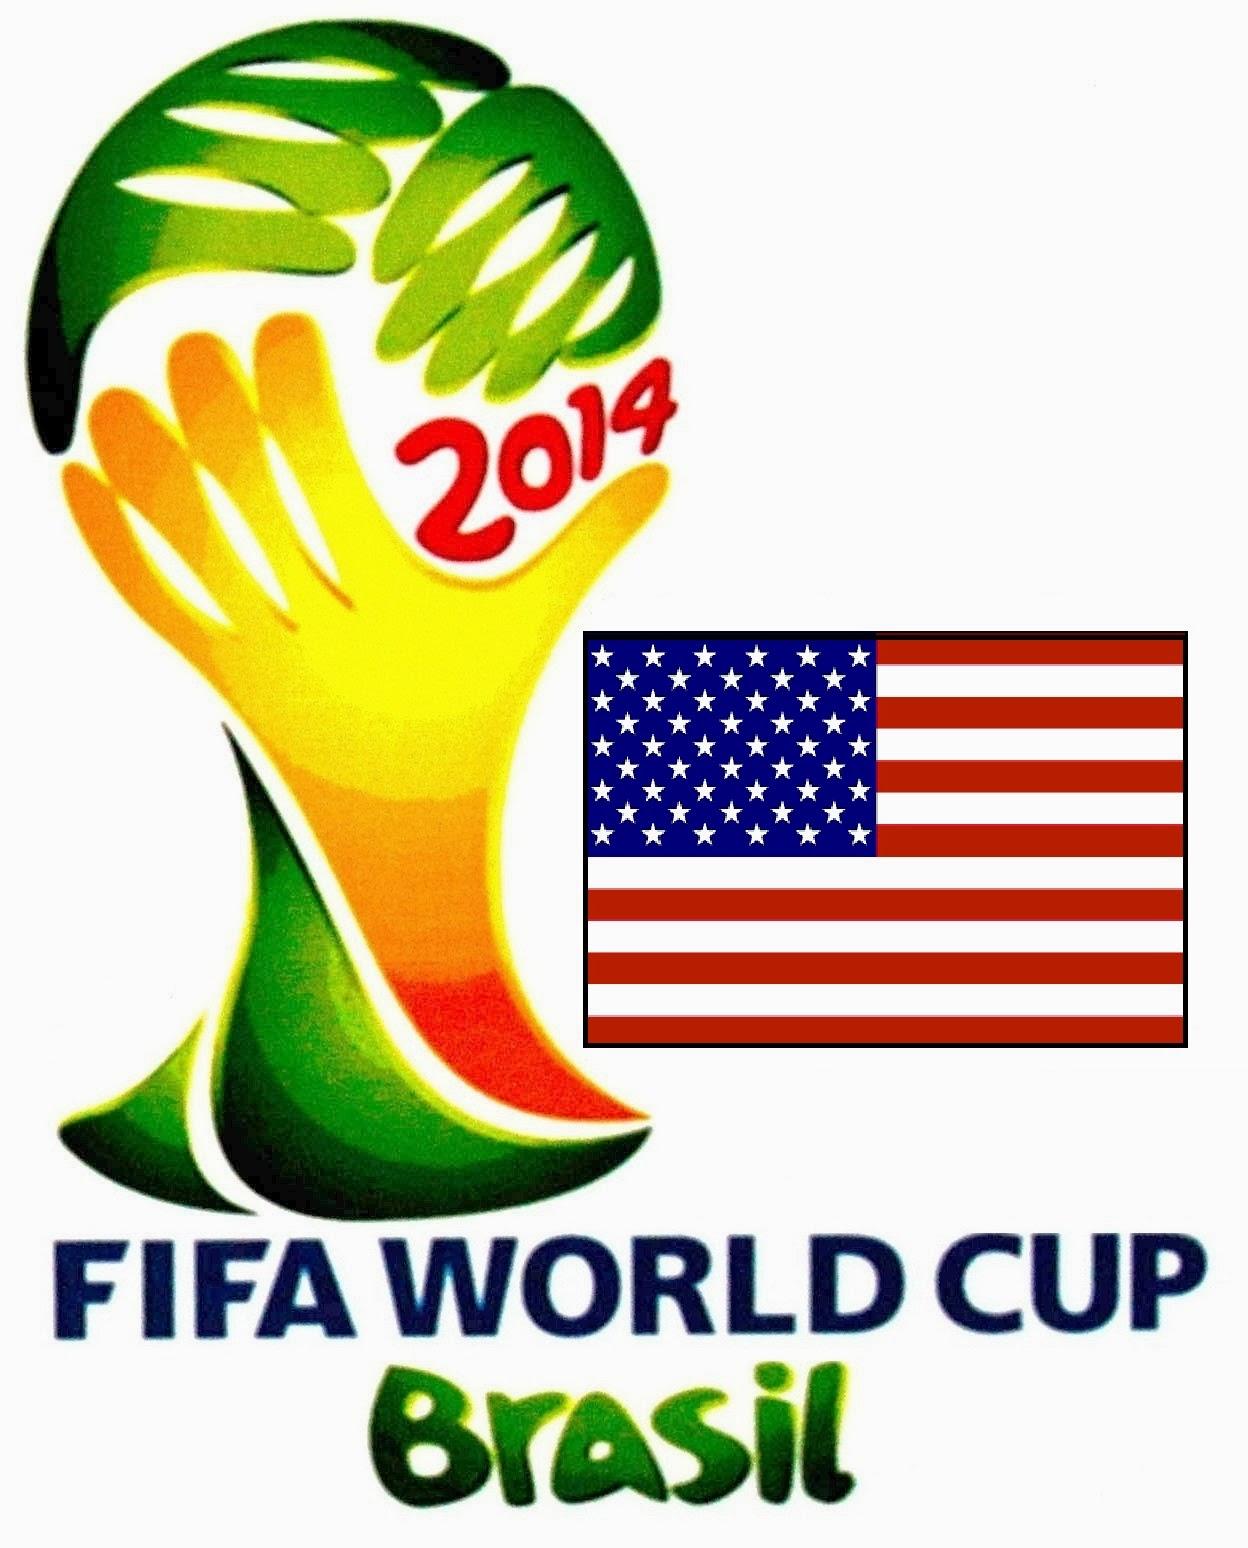 Daftar Nama Pemain Timnas Amerika Serikat Piala Dunia 2014